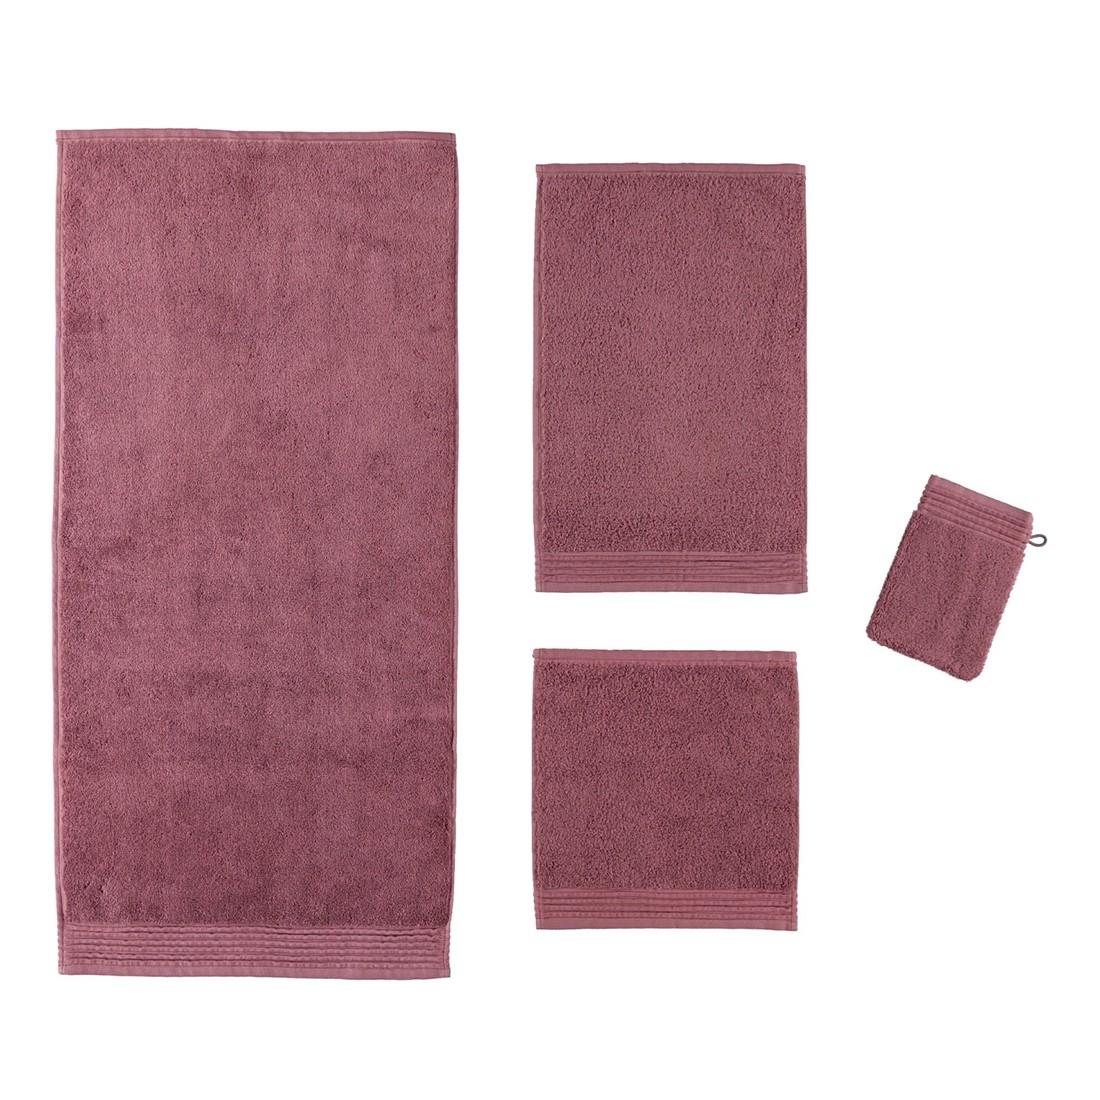 Handtuch LOFT – 100% Baumwolle rose wood – 370 – Waschhandschuh: 15 x 20 cm, Möve günstig